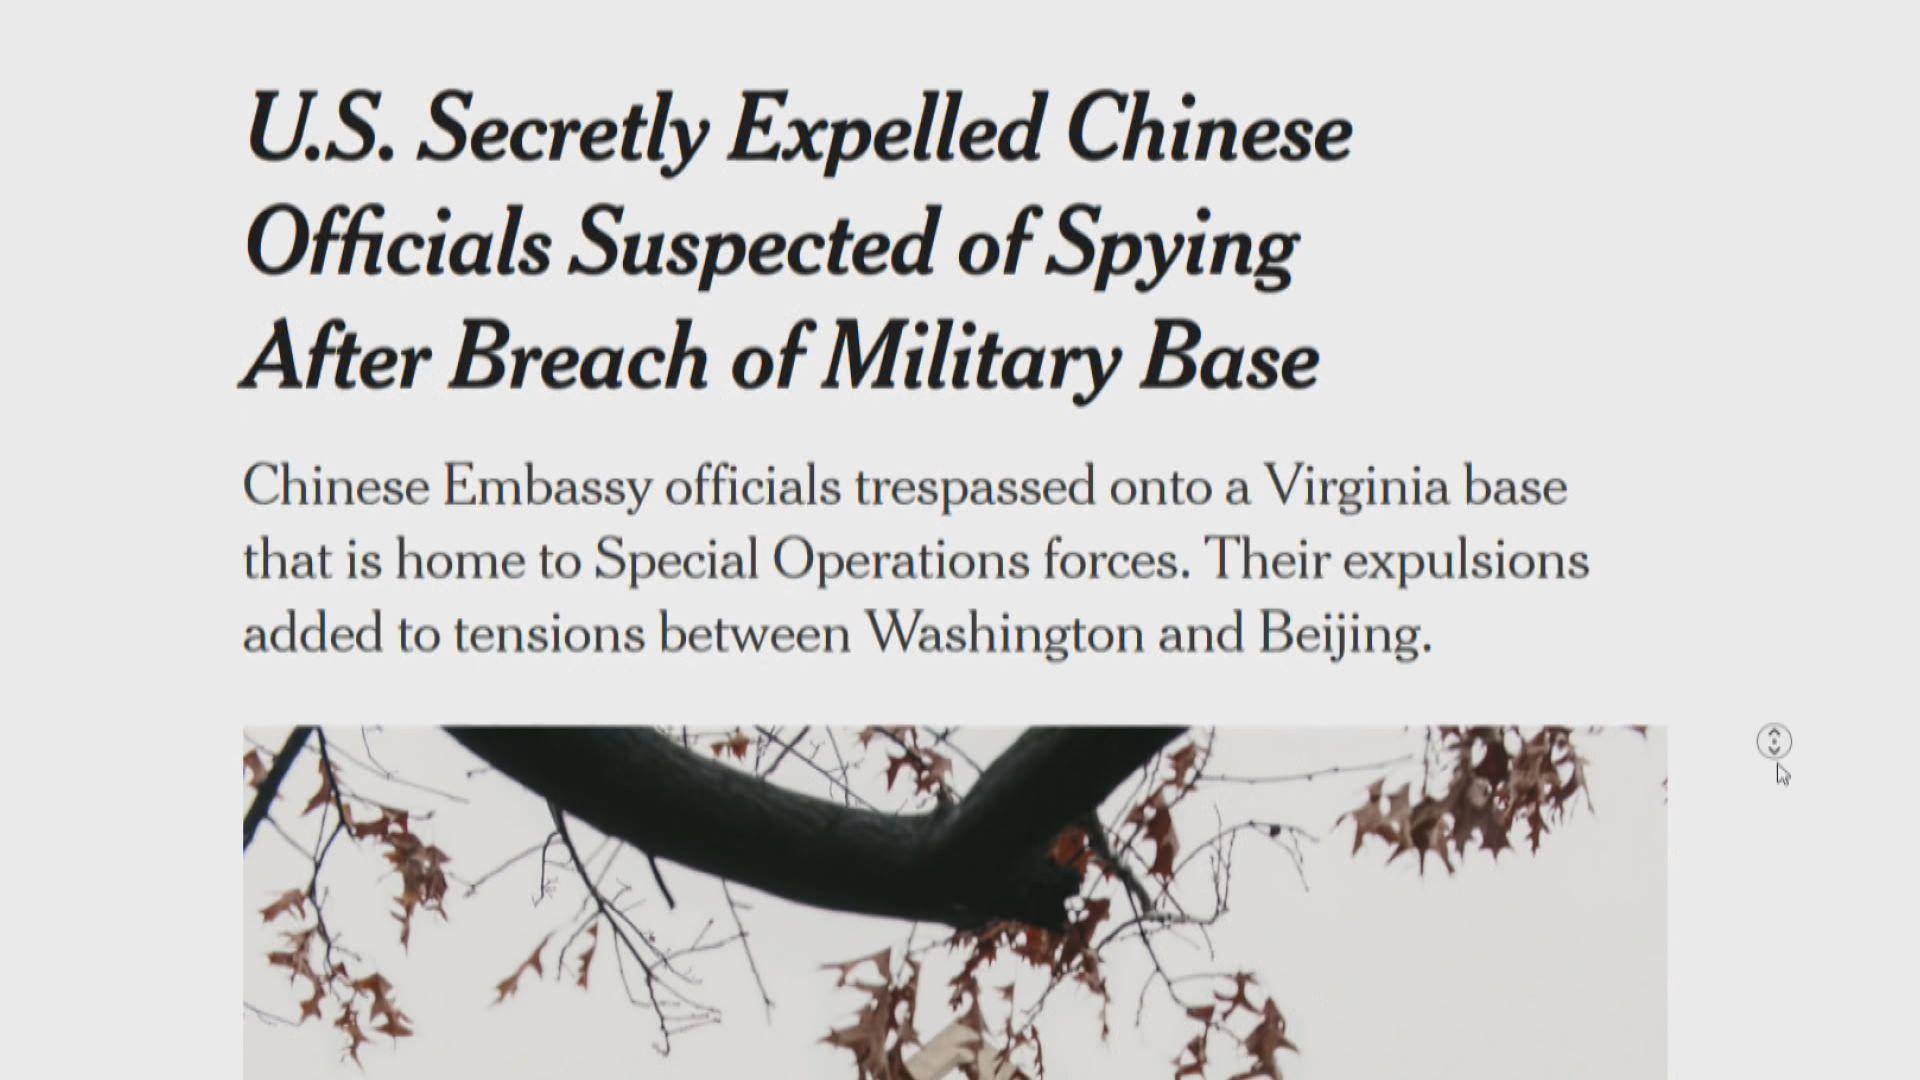 傳美暗中驅逐兩名疑涉間諜活動中國外交人員